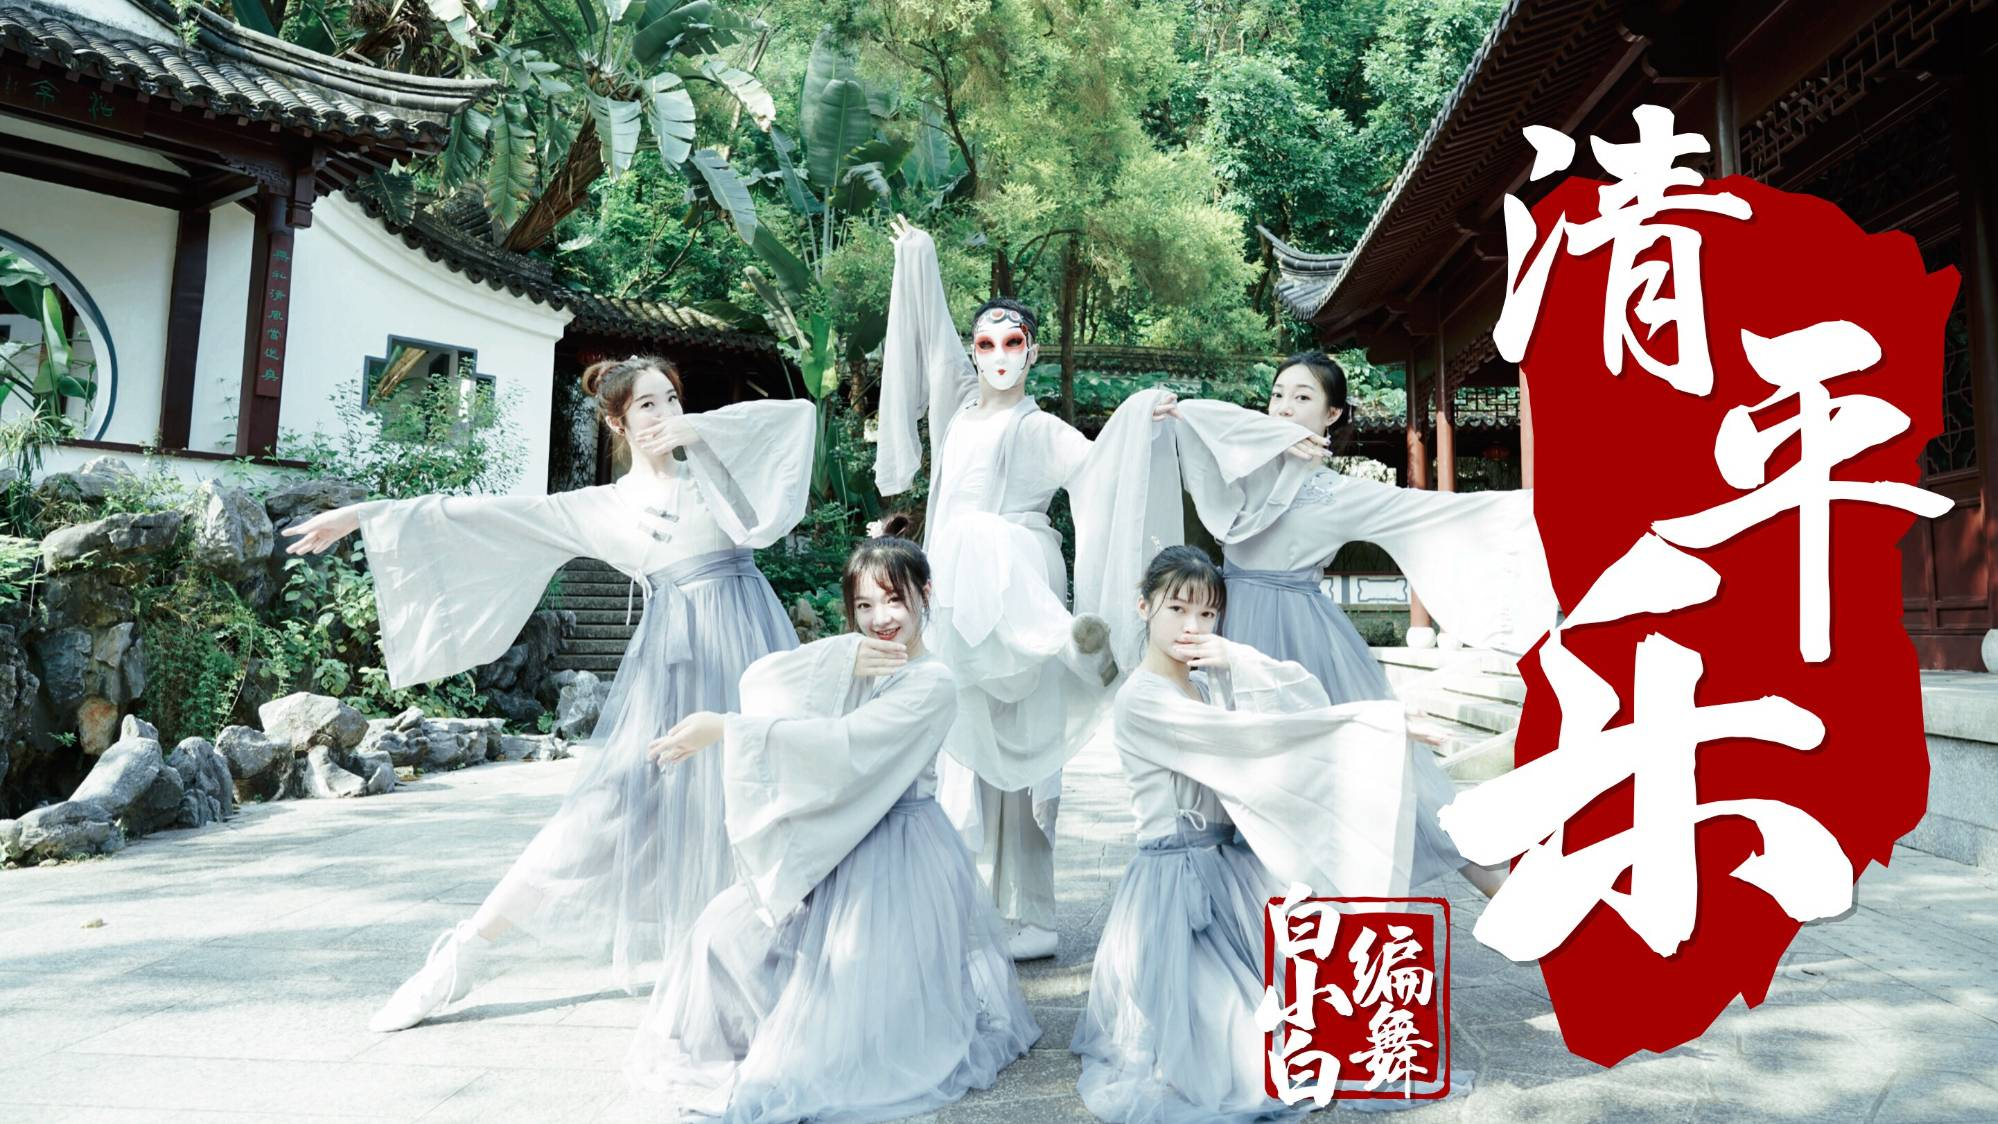 【全盛舞蹈工作室】轻歌曼舞❀长安十二时辰《清平乐》中国风编舞MV